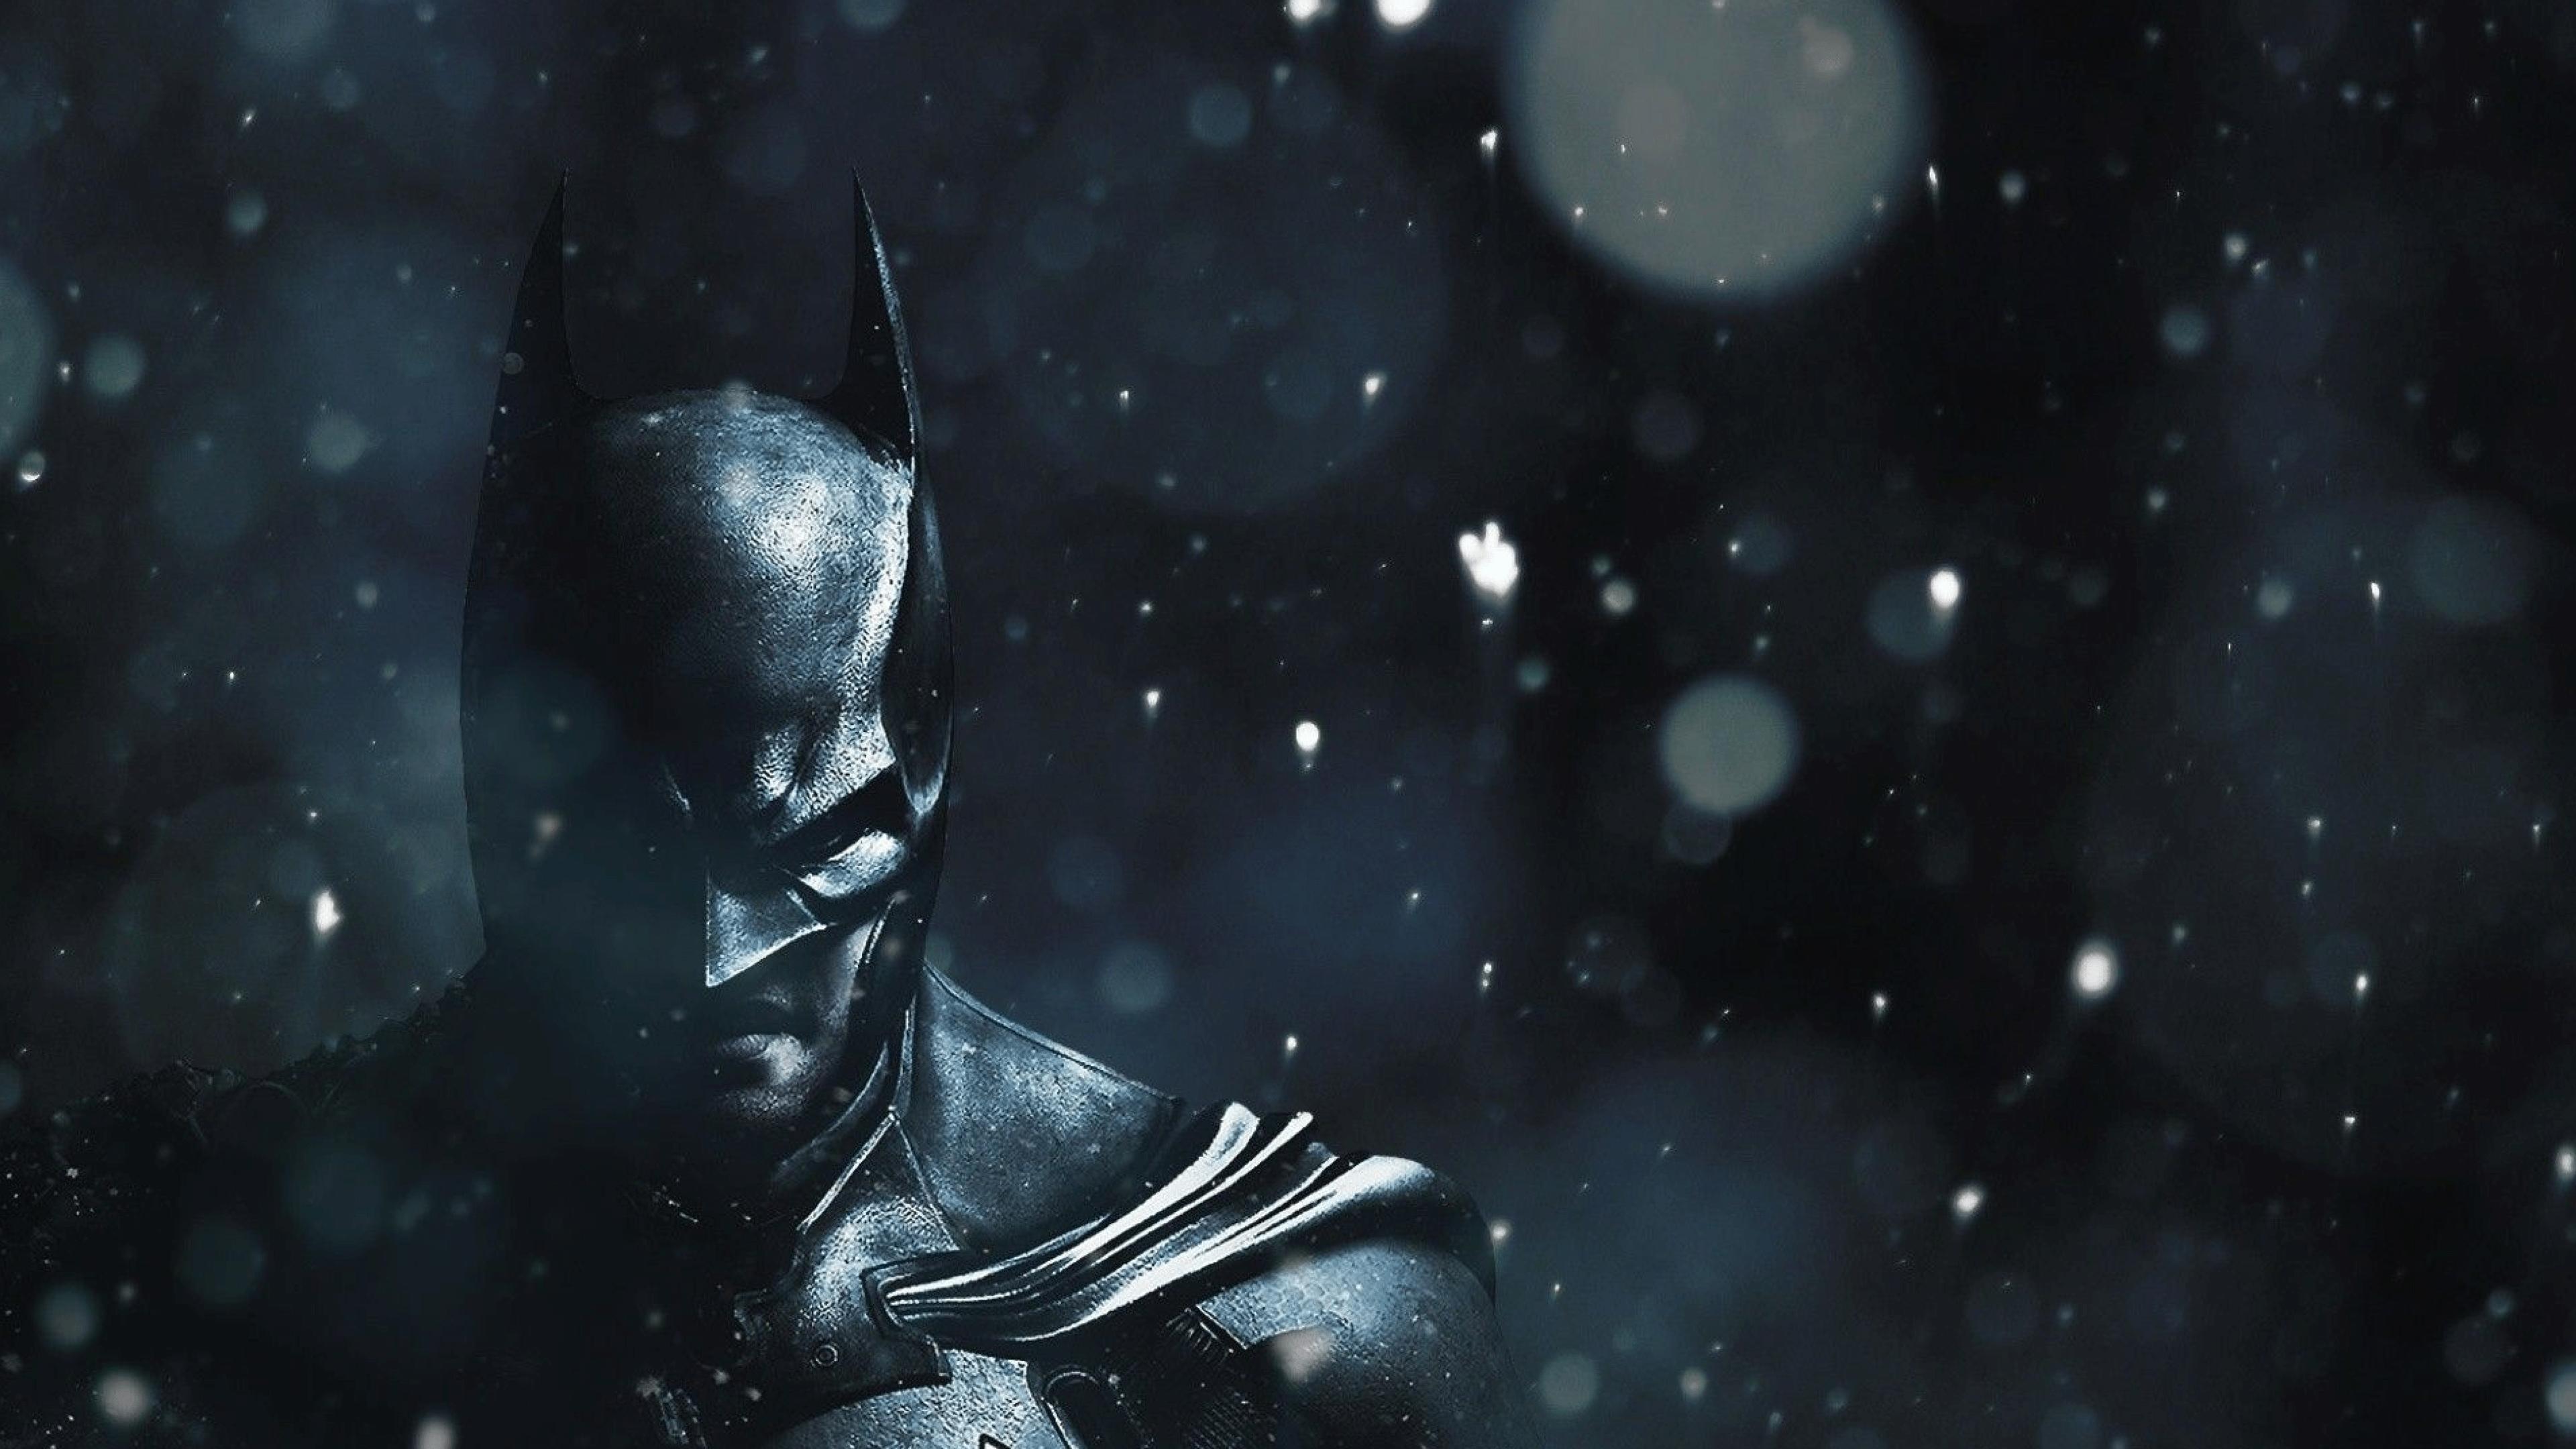 Batman 4K Wallpapers - Wallpaper Cave